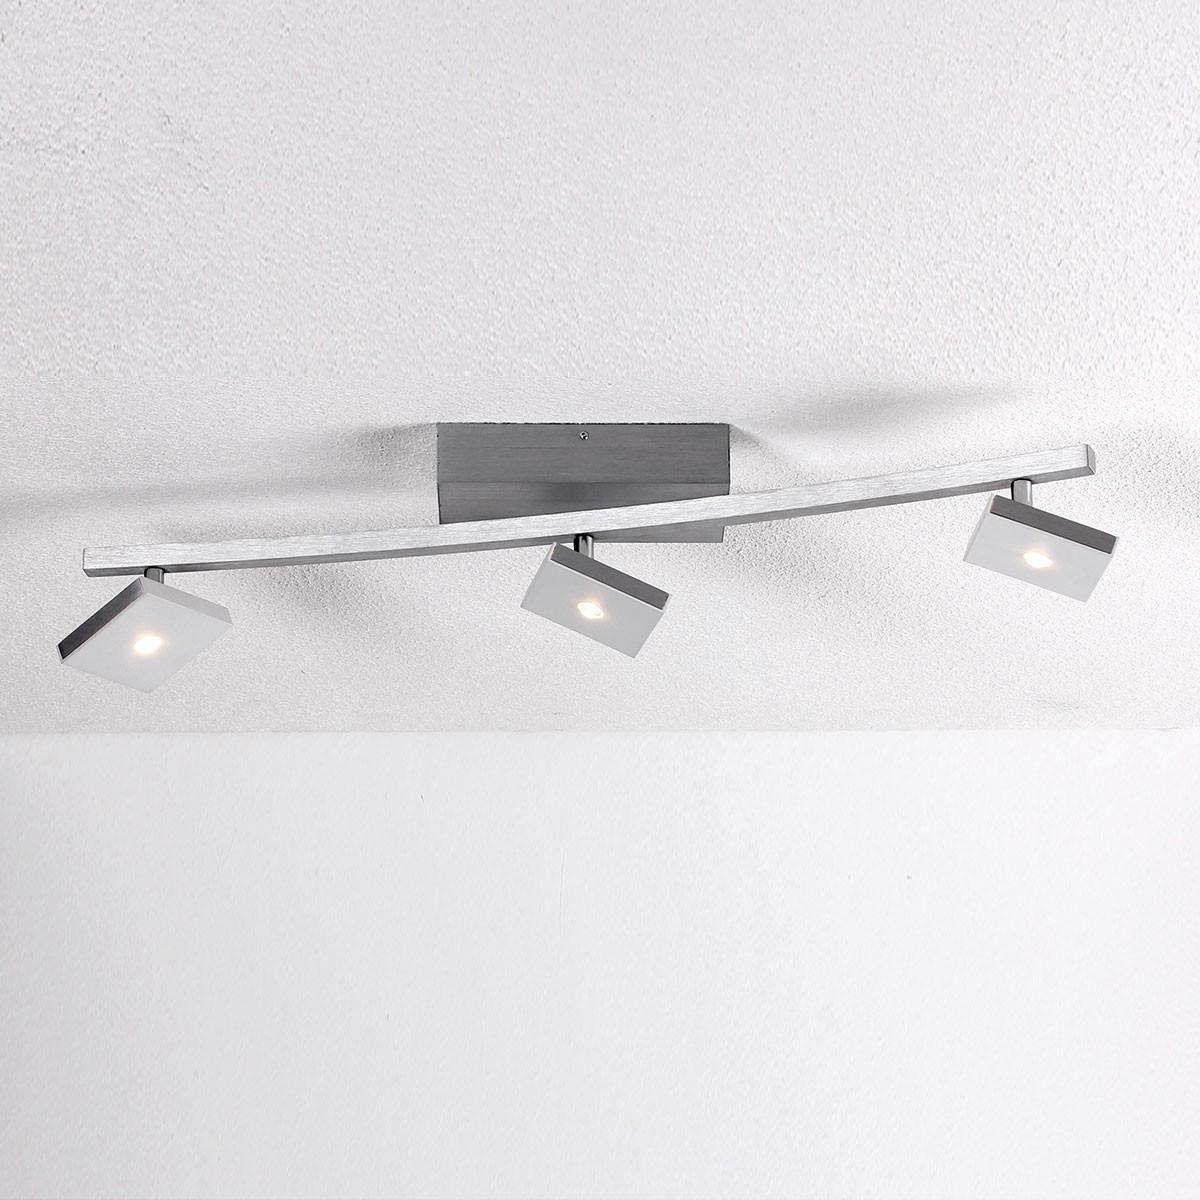 Bopp Domino LED Deckenleuchte, 3-flg., Aluminium geschliffen - weiß